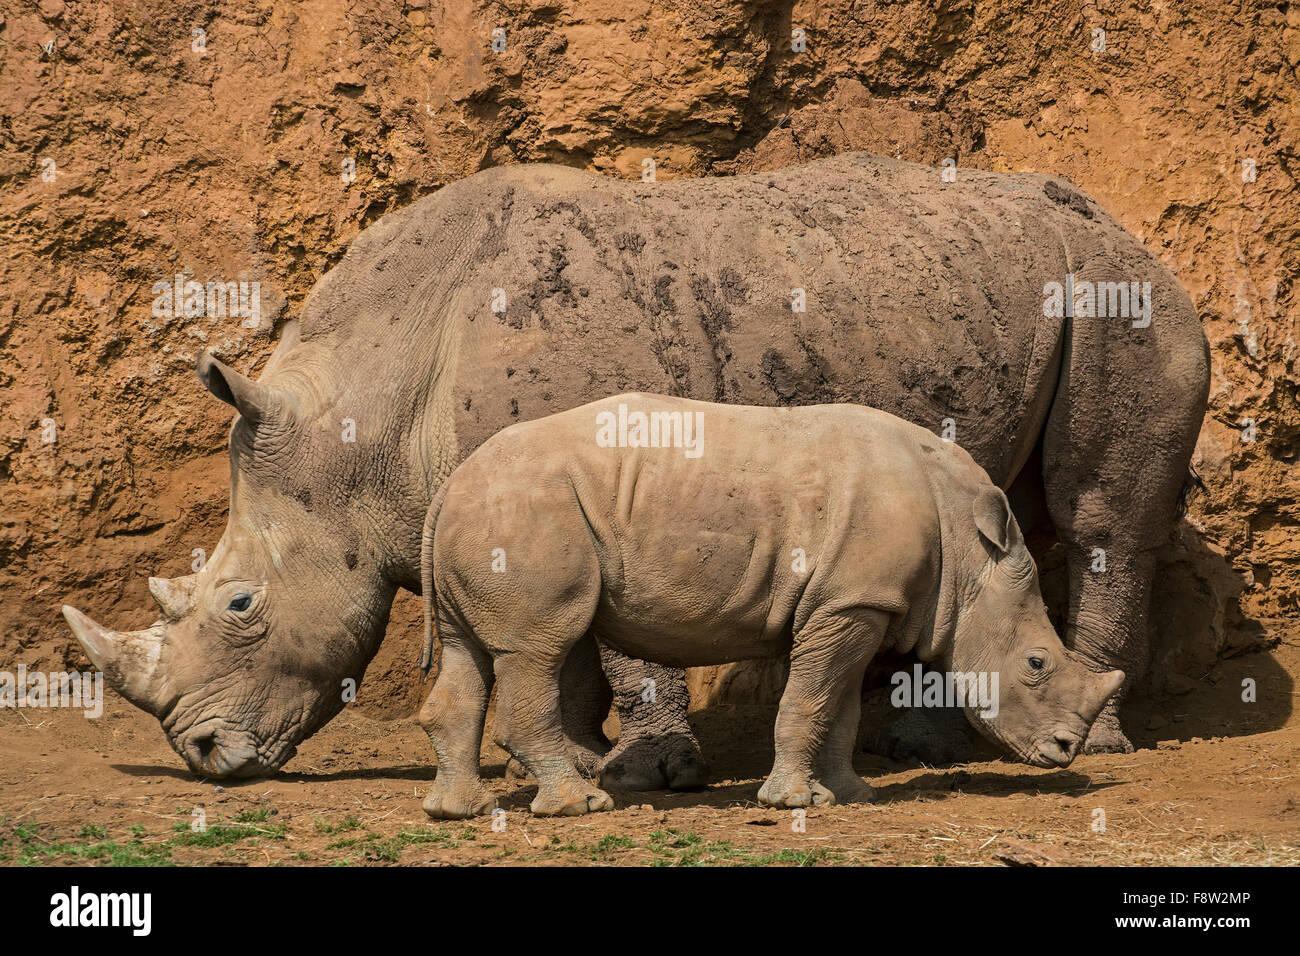 White Rhino / Square-lipped rhinoceros (Ceratotherium simum), femelle et son veau Photo Stock